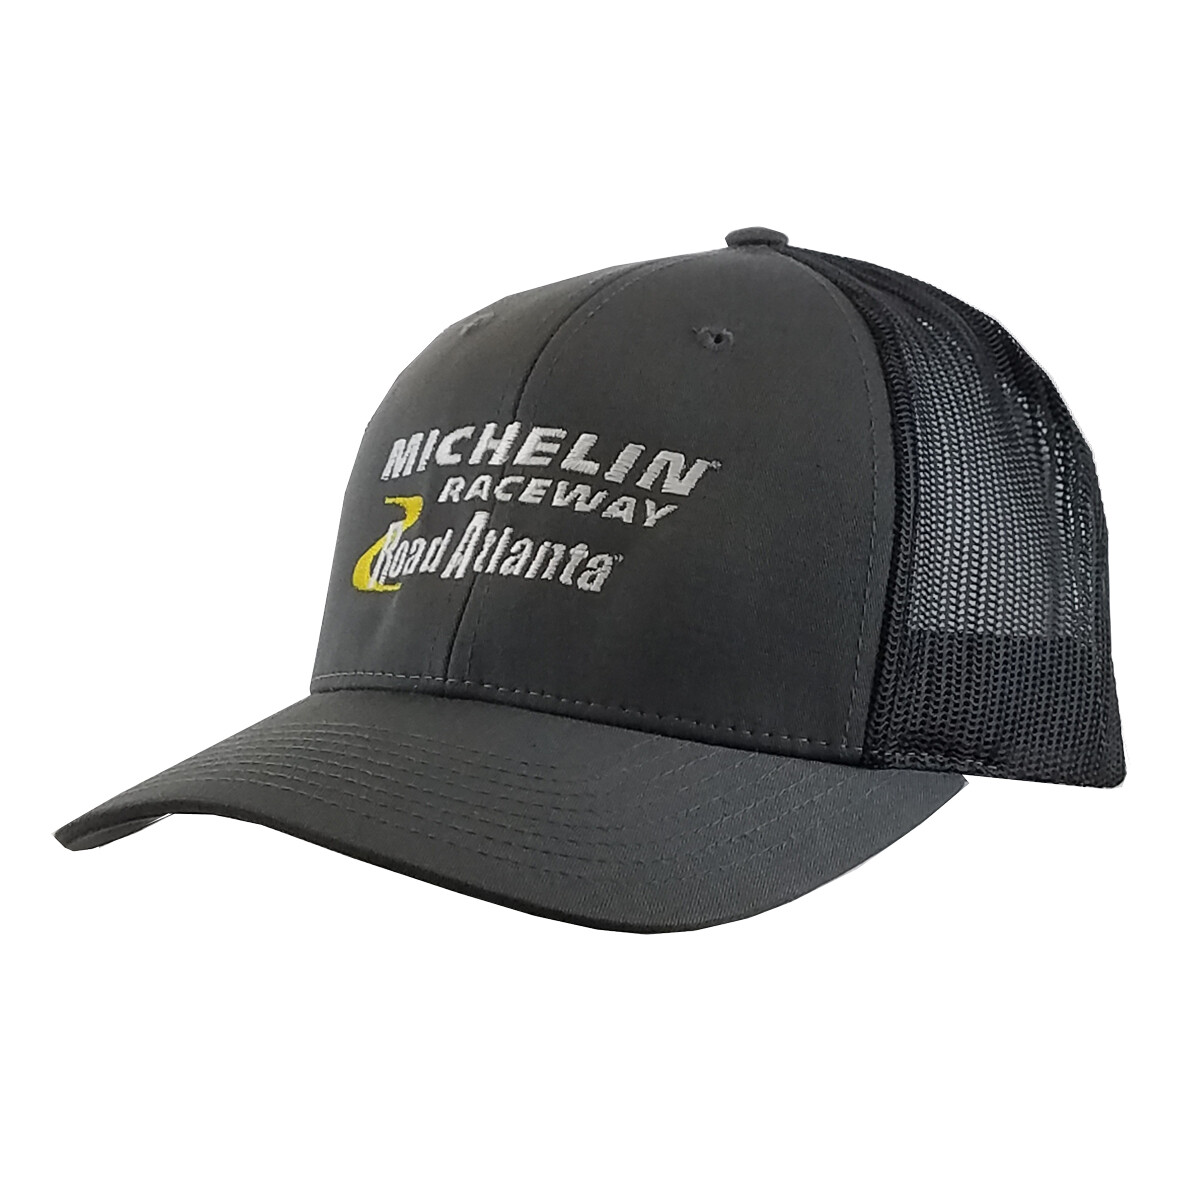 Michelin Raceway Road Atlanta Trucker Low Profile Hat - Charcoal/Black